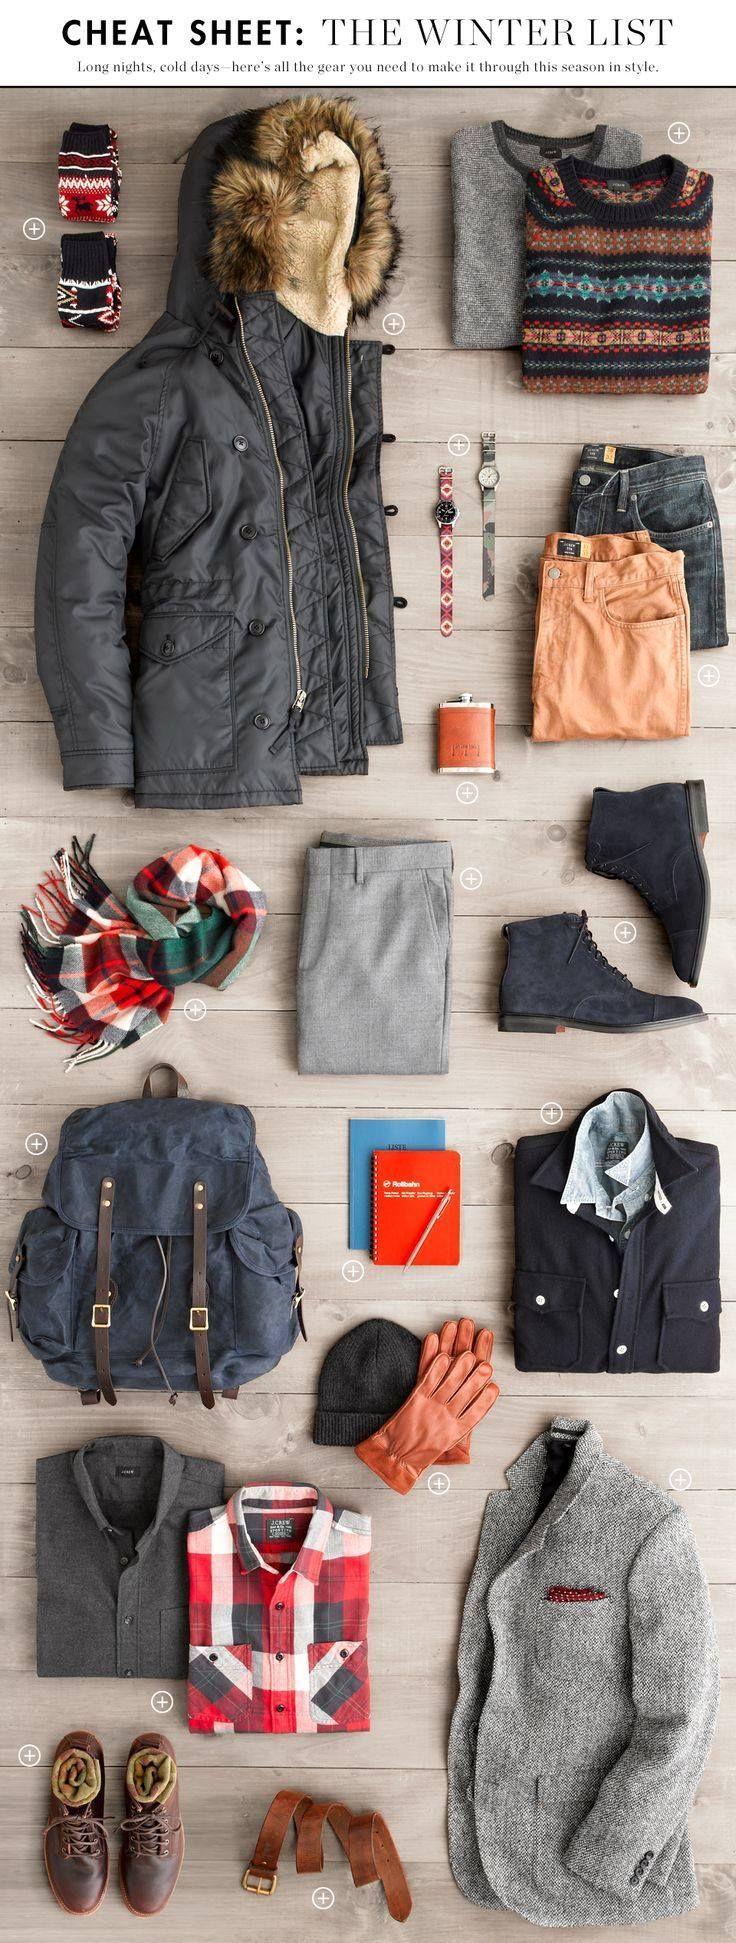 winter essentials for every explorer.